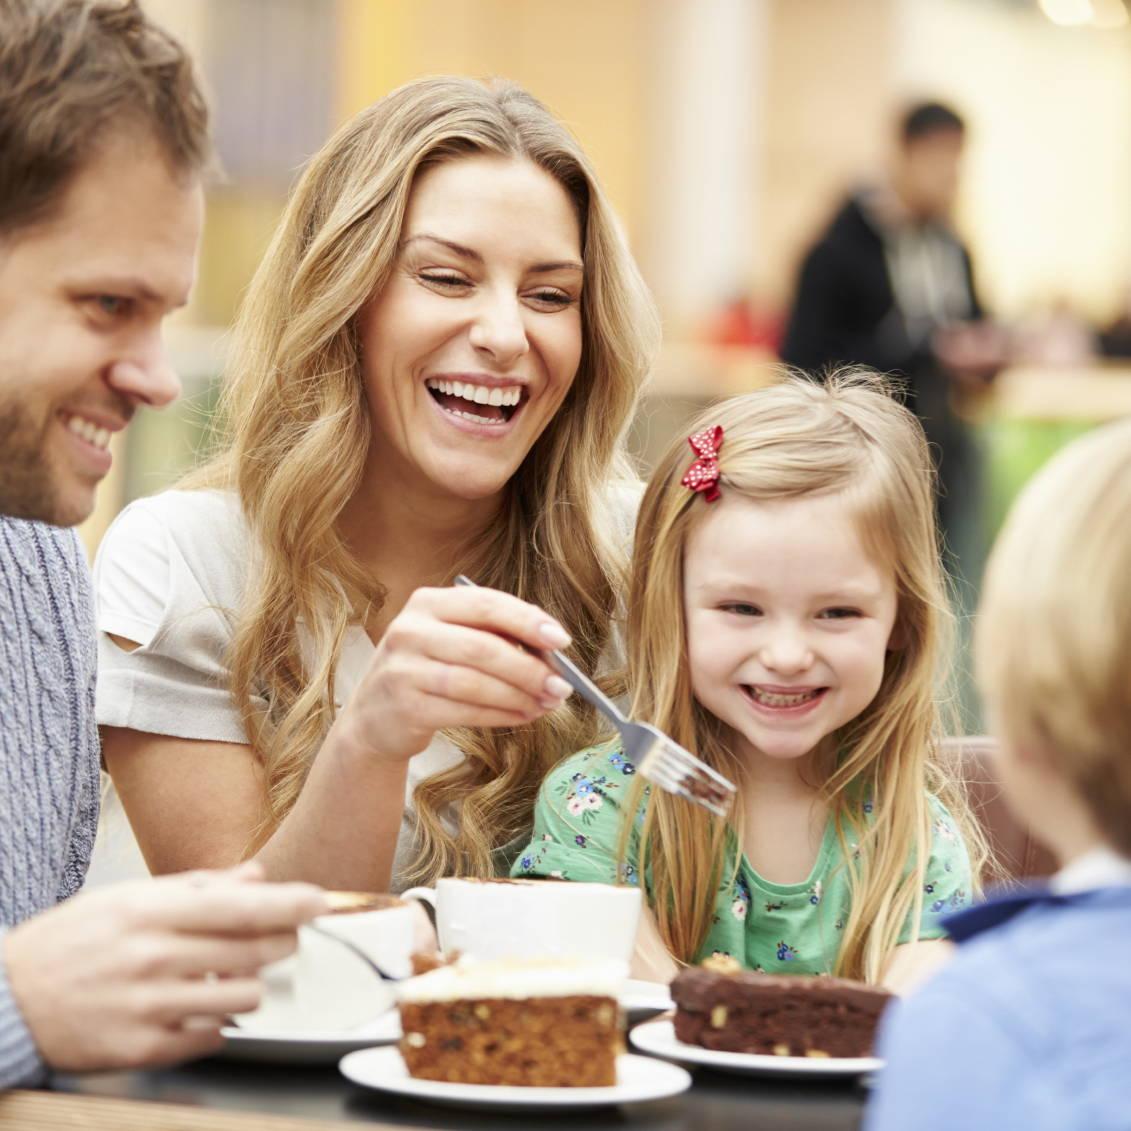 Family of four eating desert